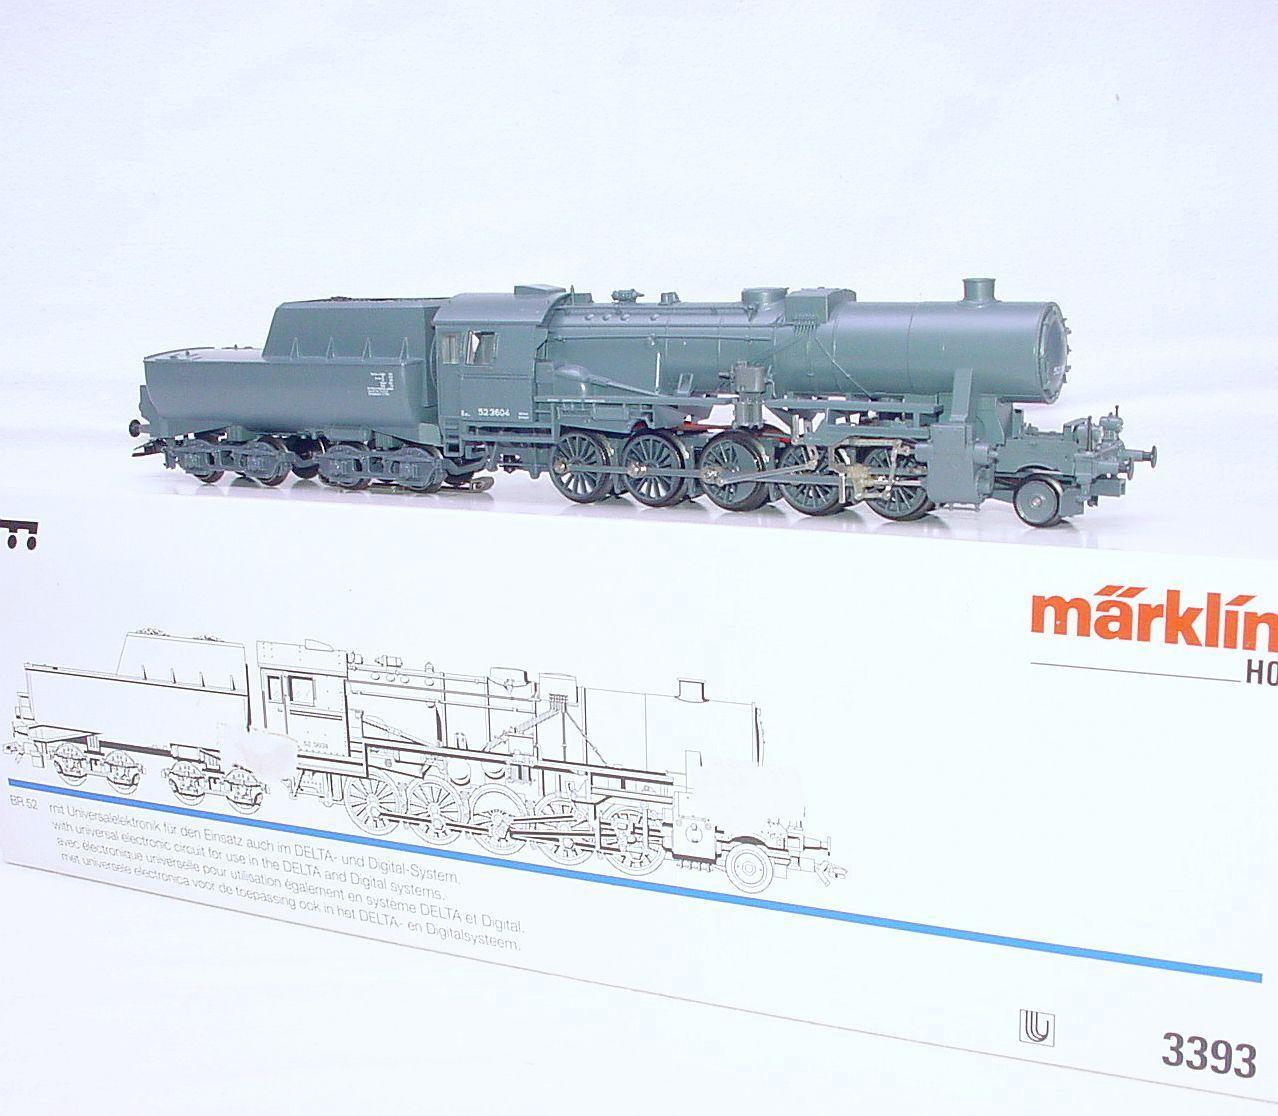 Marklin HO AC Deutsche Reichsbahn DR BR-52 WWII WAR STEAM LOCOMOTIVE MIB RARE